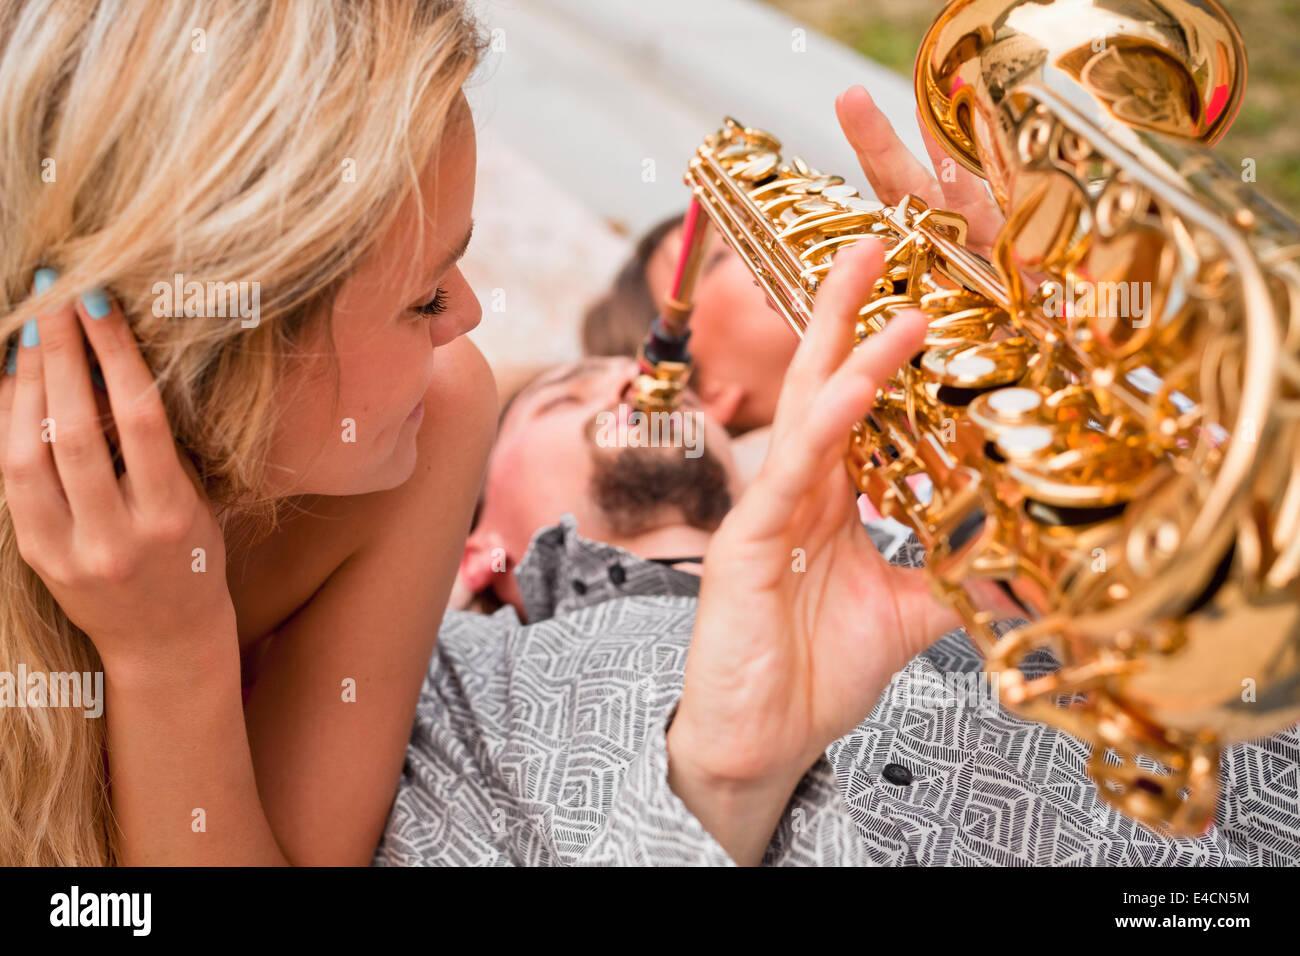 L'uomo suonare il sassofono per donne, osijek, Croazia Immagini Stock